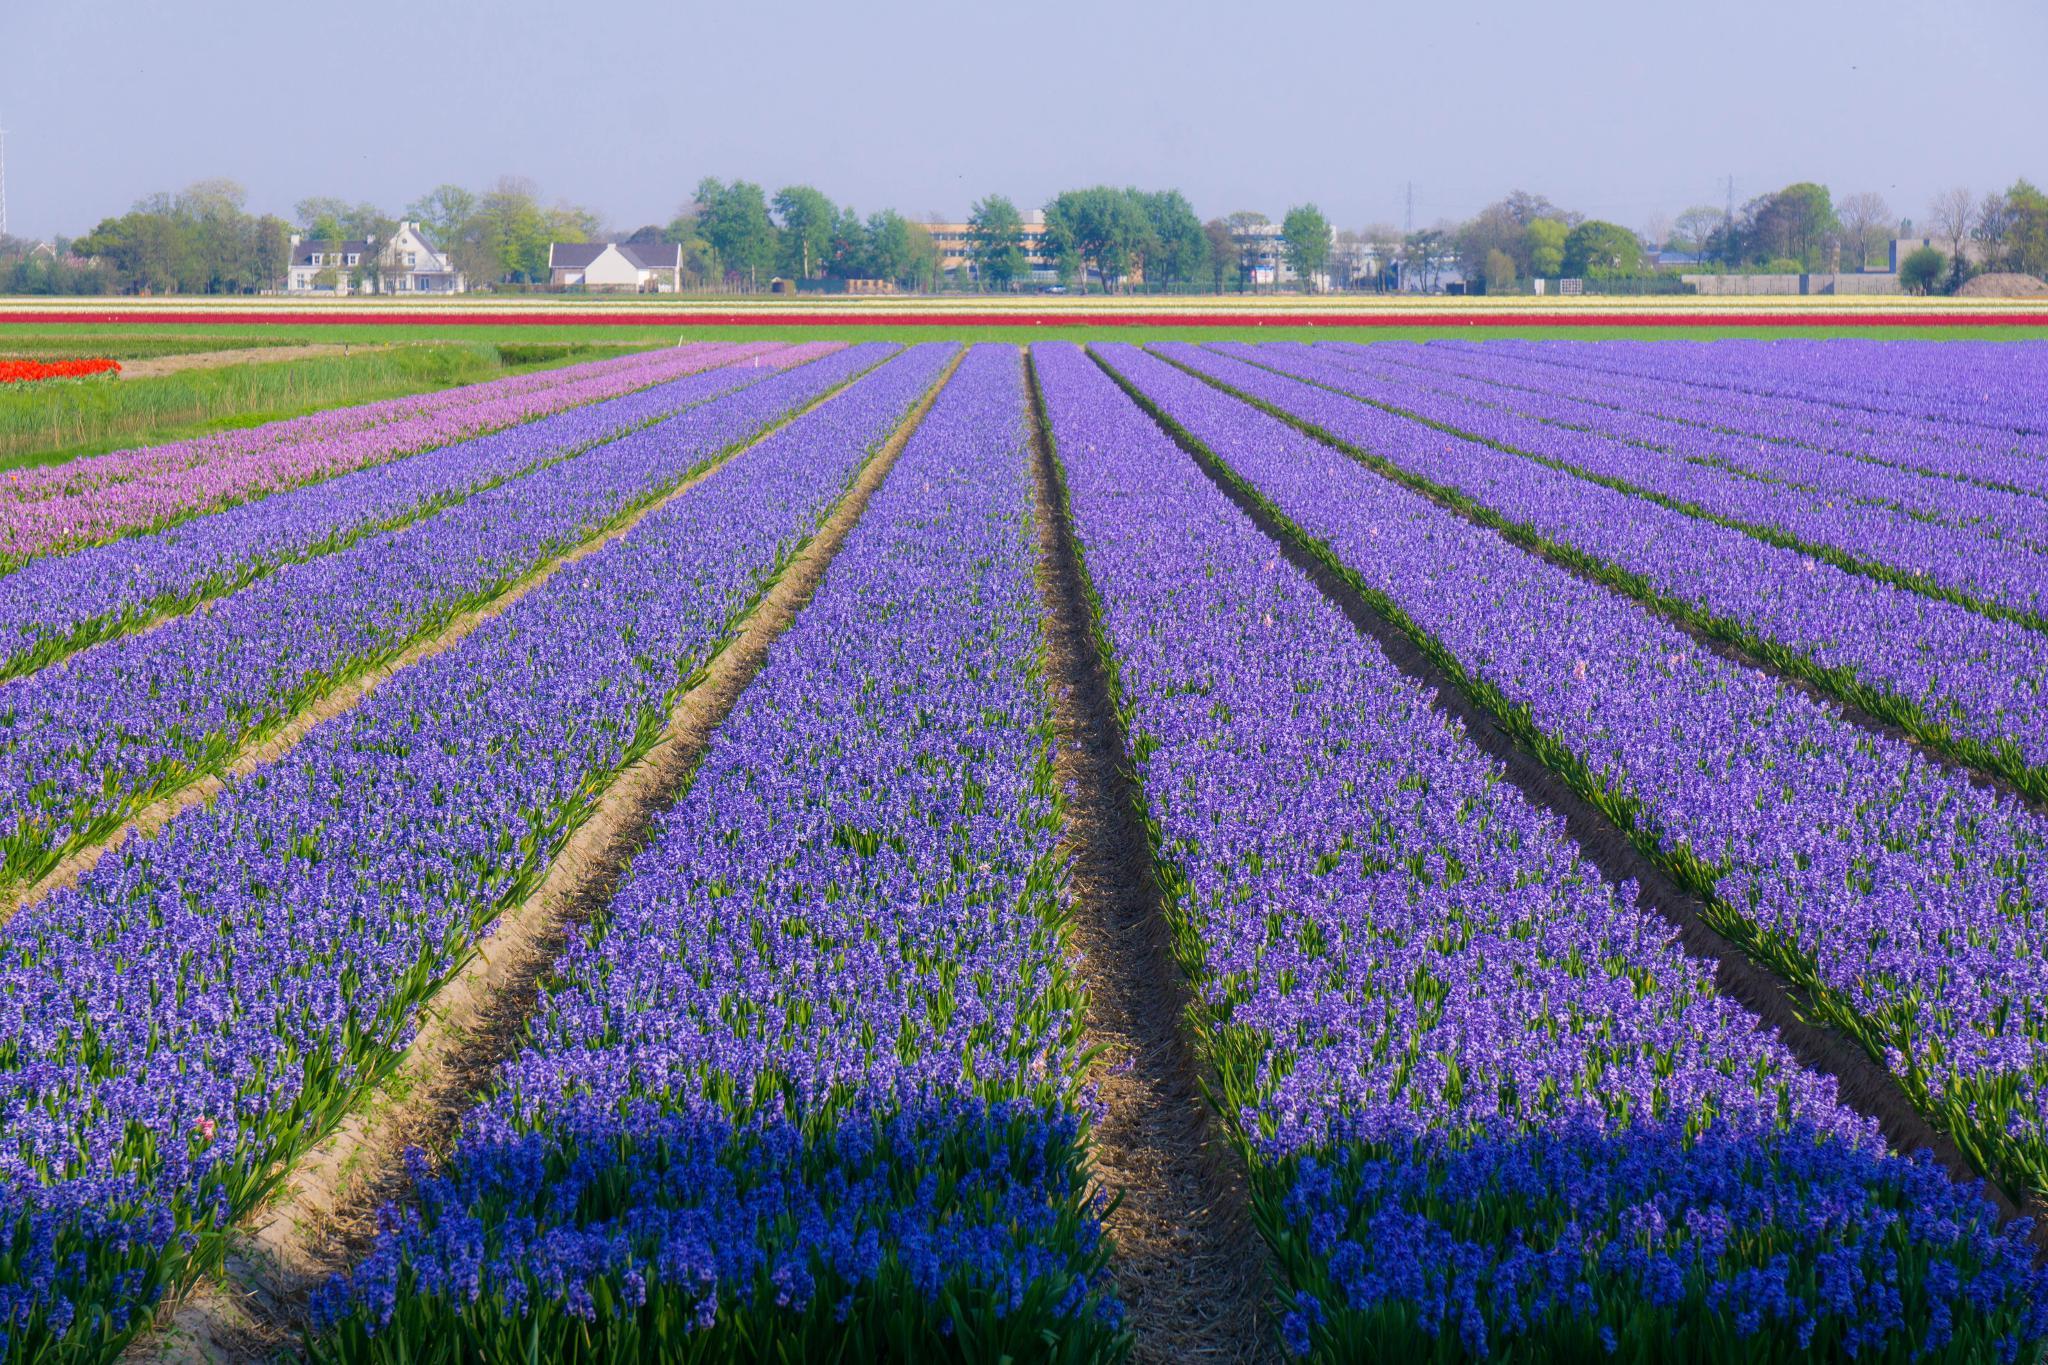 【荷蘭印象】花田嬉事:荷蘭單車花之路 47